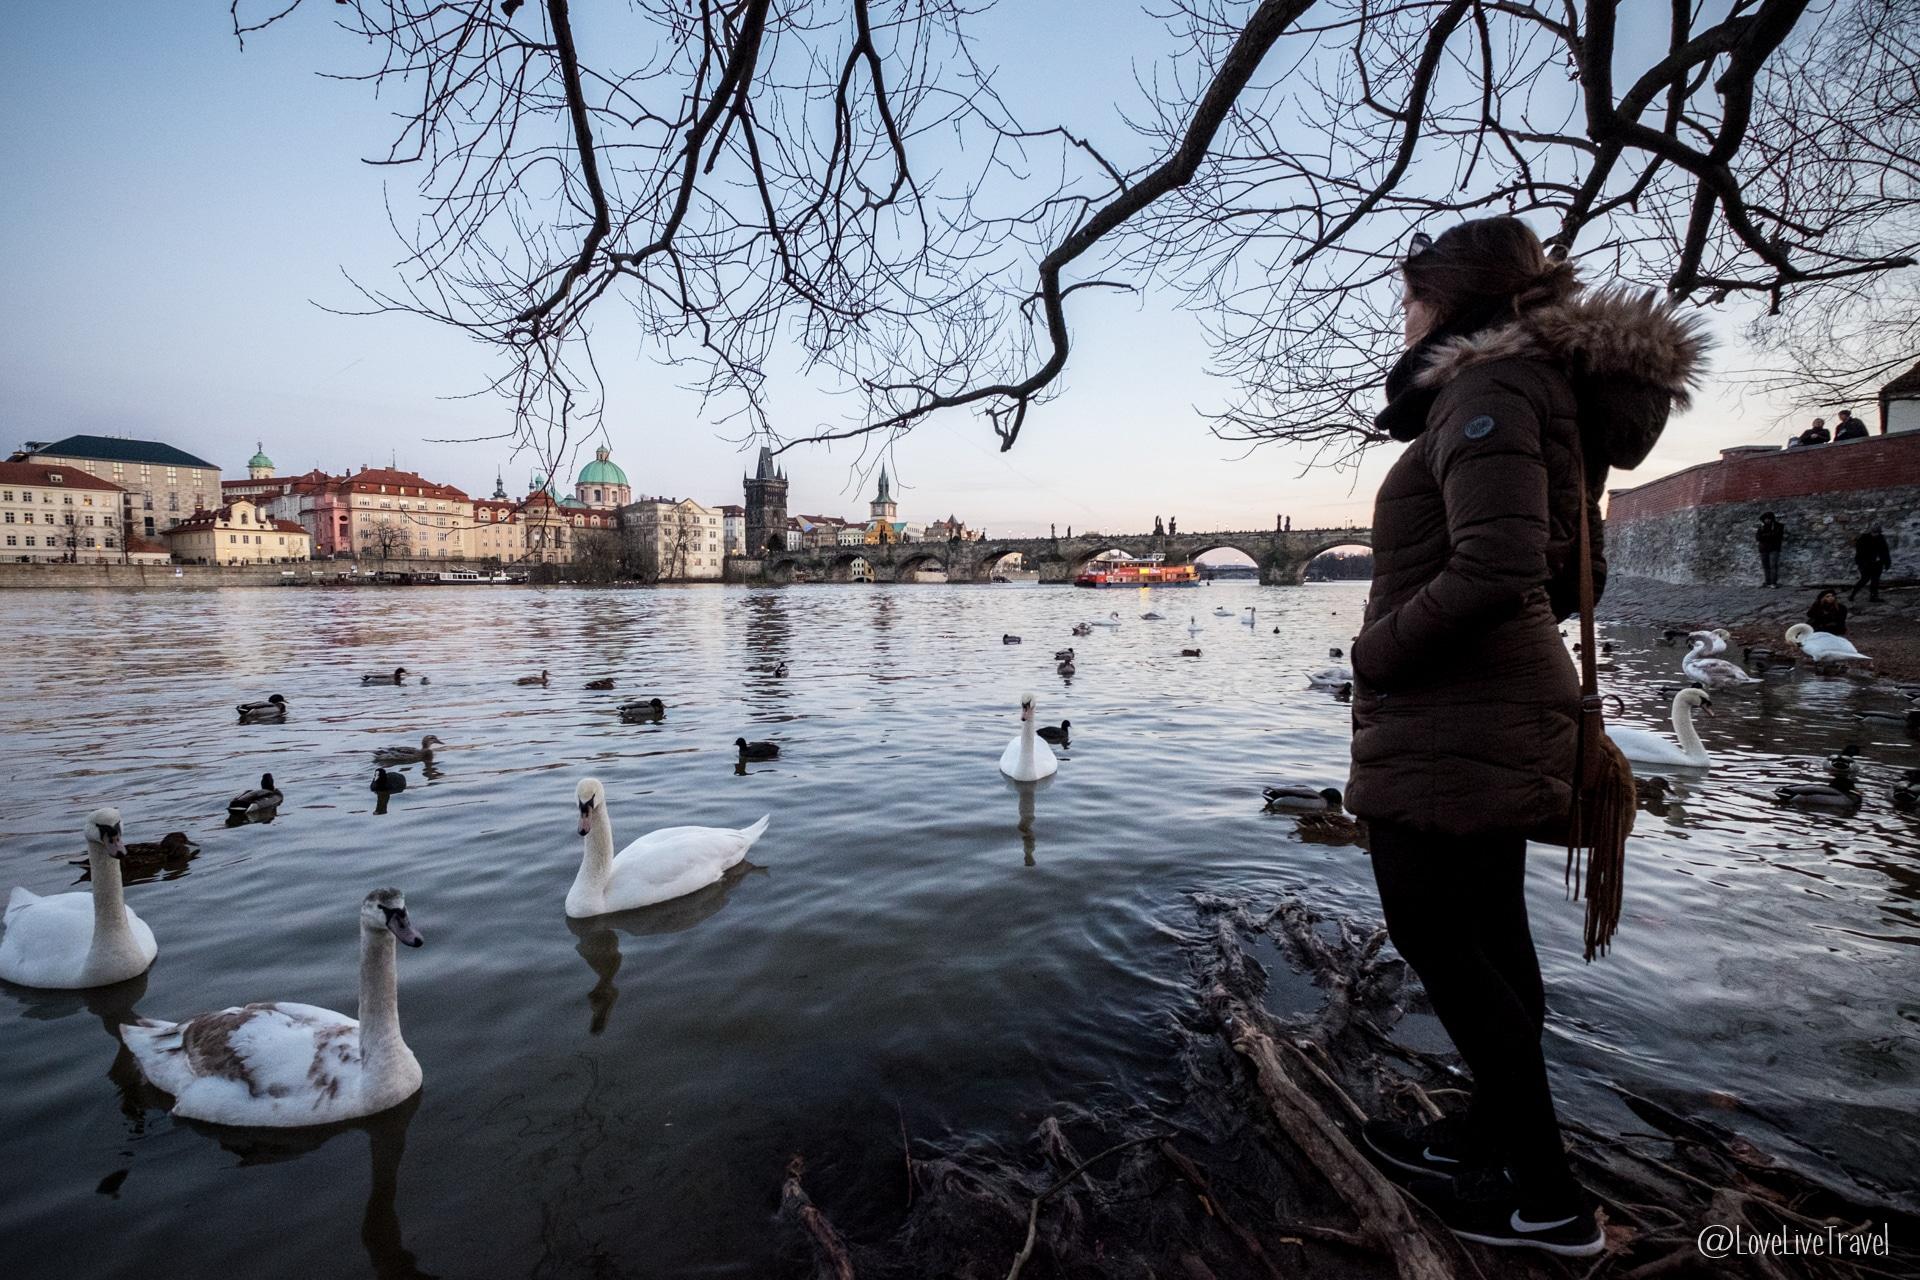 Koronavirus en République tchèque: que va-t-il se passer? Pas de panique, demande l'épidémiologiste Prymula